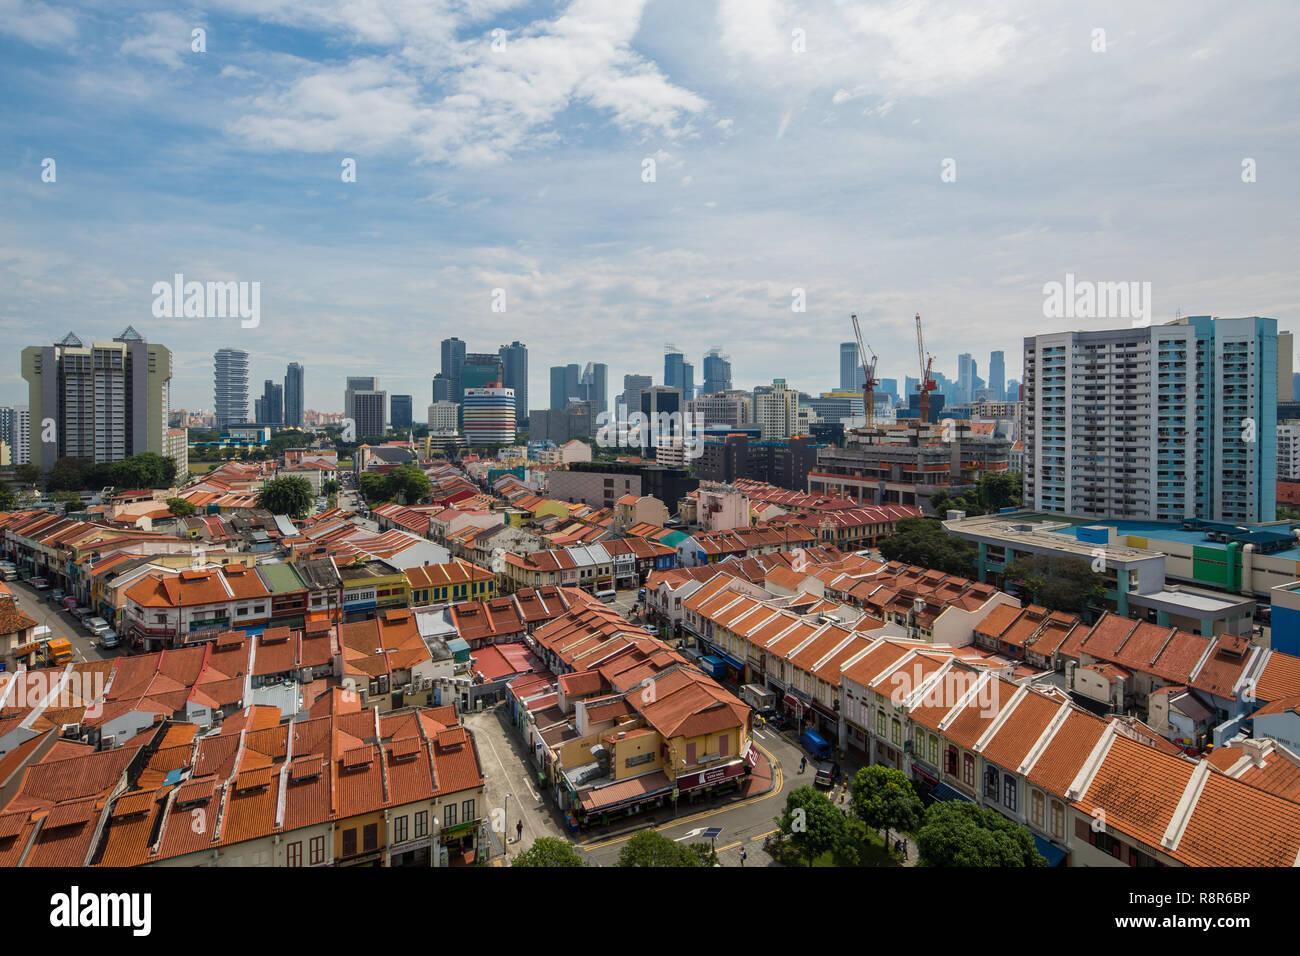 Luftaufnahme von geschäftshäusern in Little India, die hohen Gebäude hinter der modernen Skyline von Singapore. Ist buchstäblich sehen Transformation Stockbild